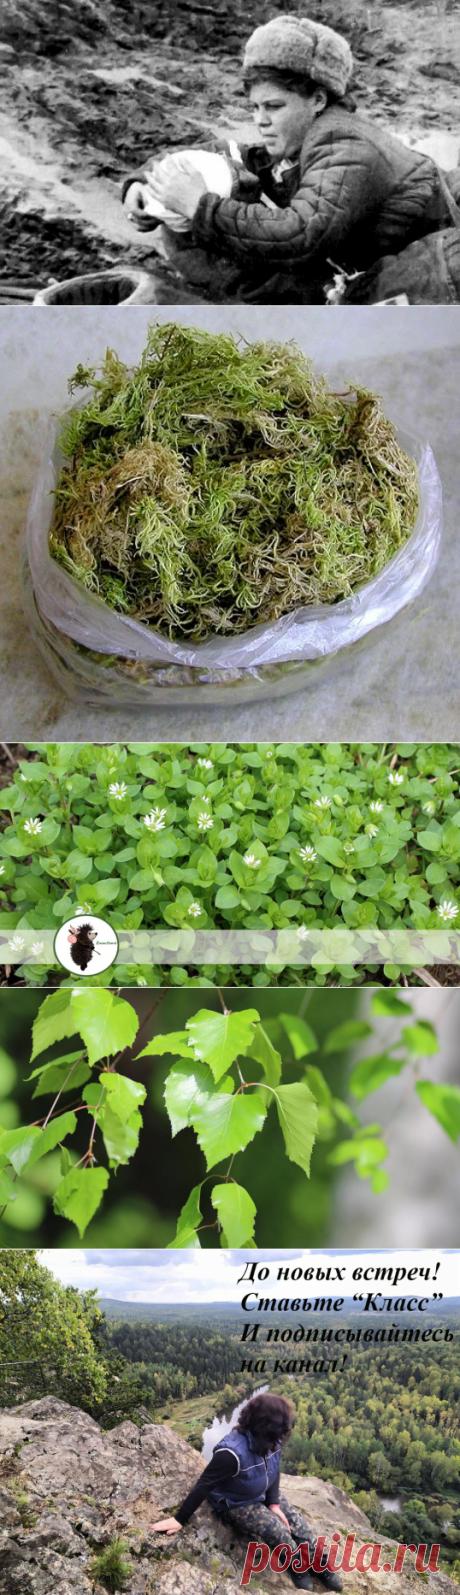 Сфагнум вместо ваты, а мокрица как обезбаливающее (растения в медицине 1941 - 1945 гг) | ЁжикTravel | Яндекс Дзен